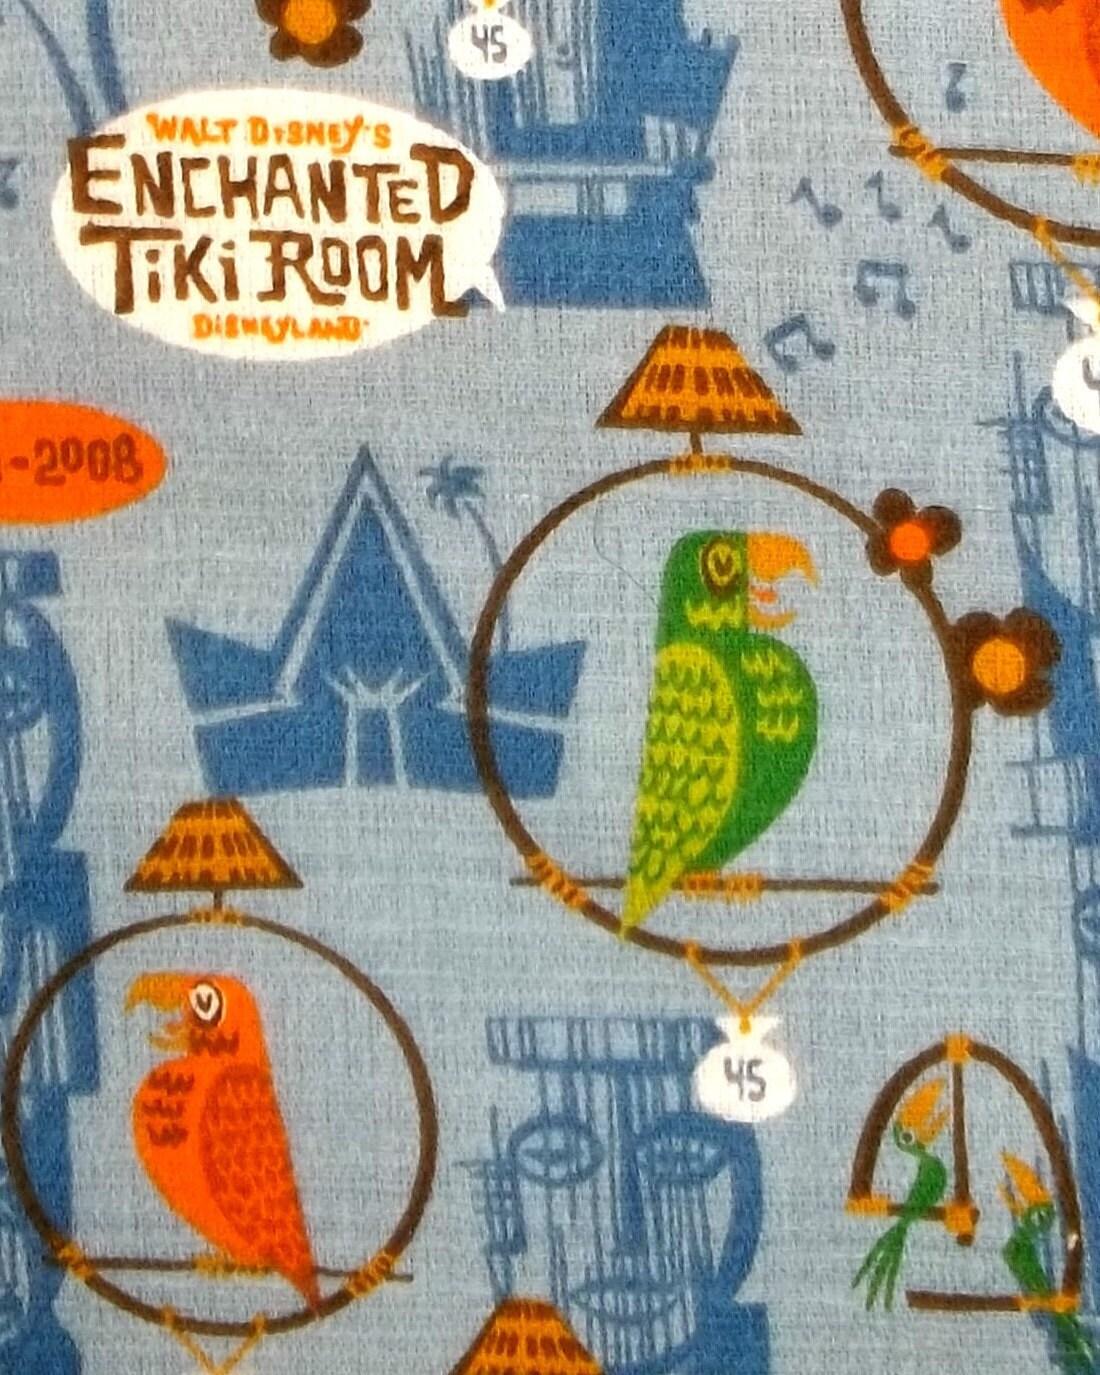 Rare Tiki Room Disneyland Collectible Parrot Hawaiin Fabric